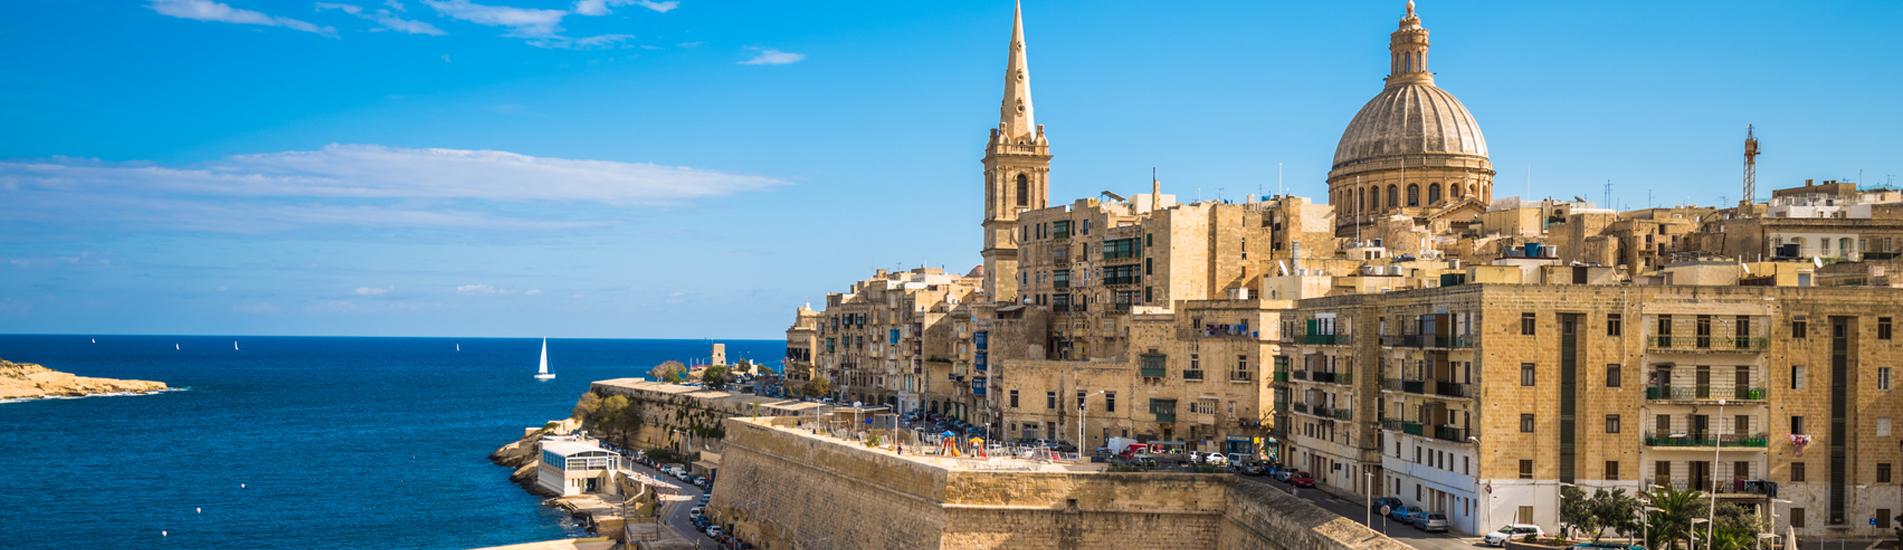 Altstadt von Malta Gebäude